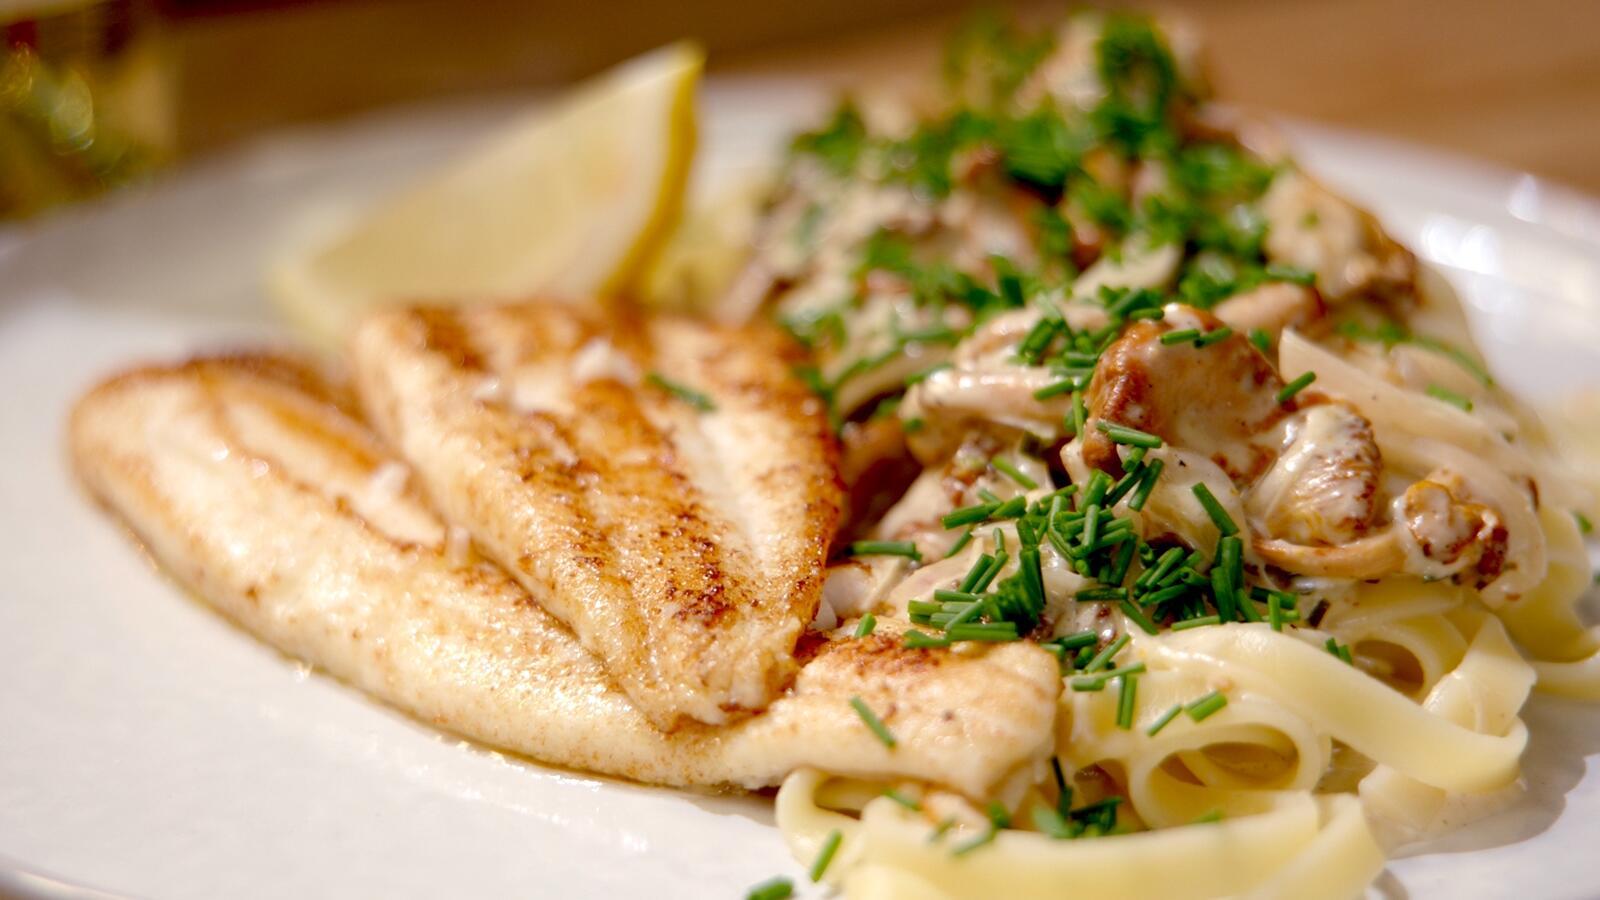 Schartong met boschampignons, kruidenkaas en pasta